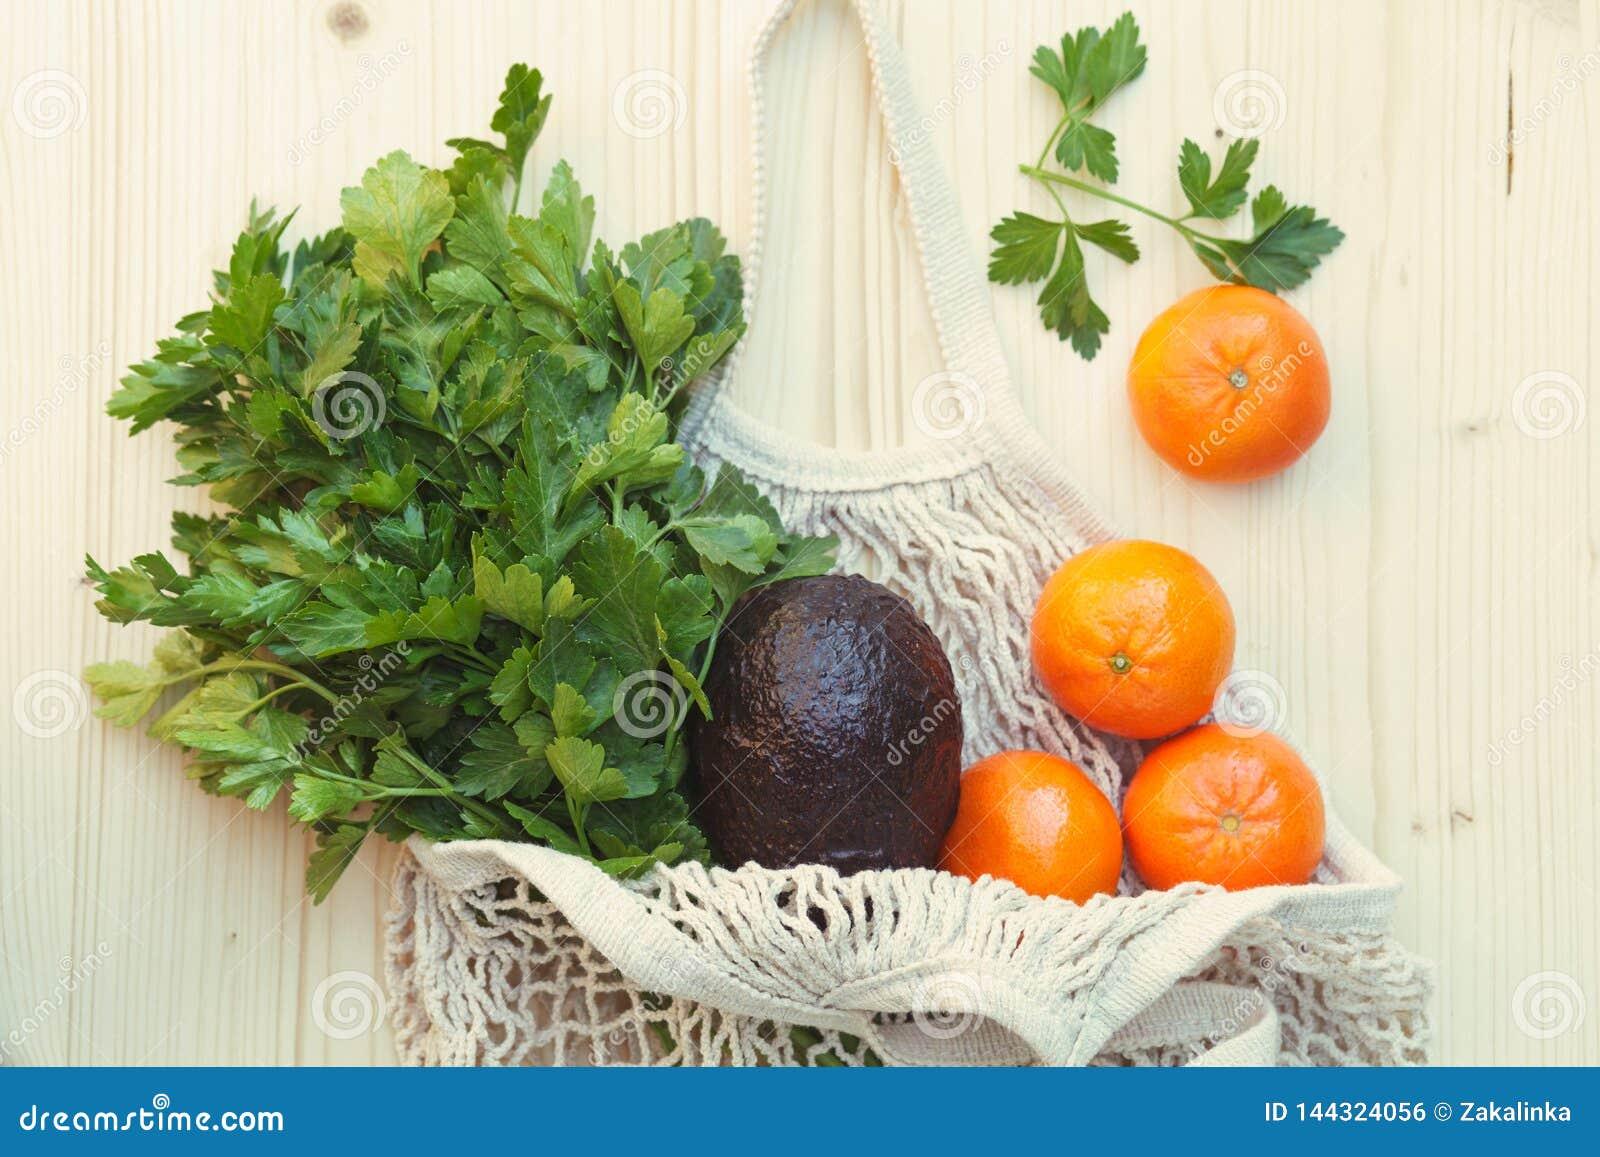 Saco de corda reusável eco-amigável branco com frutos frescos, ervas e vegetais, abacate, salsa, laranjas no fundo de madeira